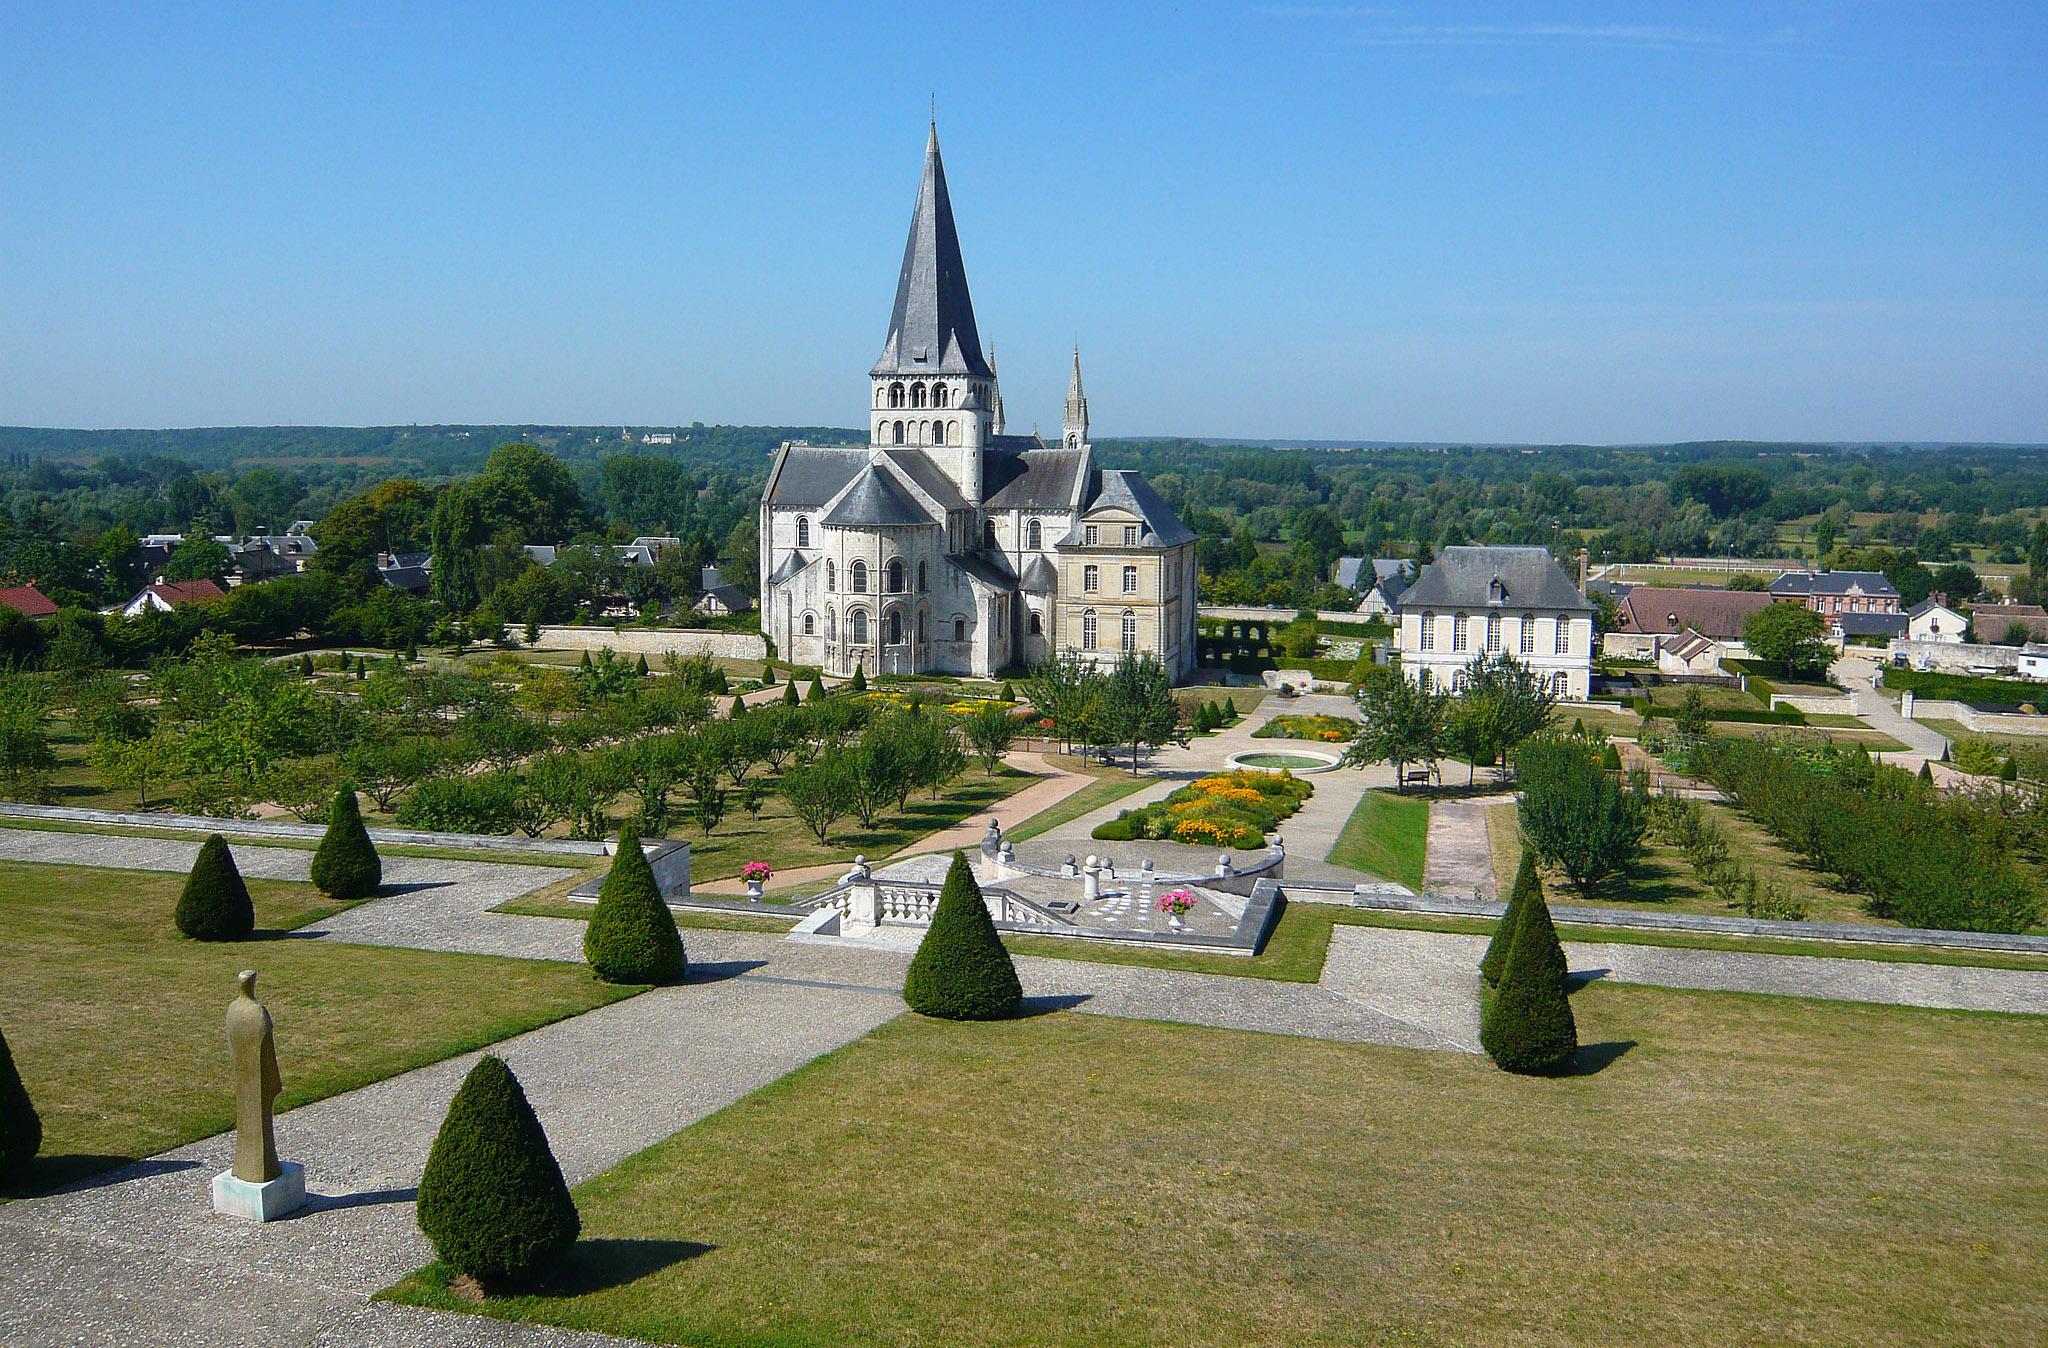 L'Abbaye de Saint Georges de Borscherville, haut lieu de l'art roman et Jardins à la Française comme au XVIIe siècle.